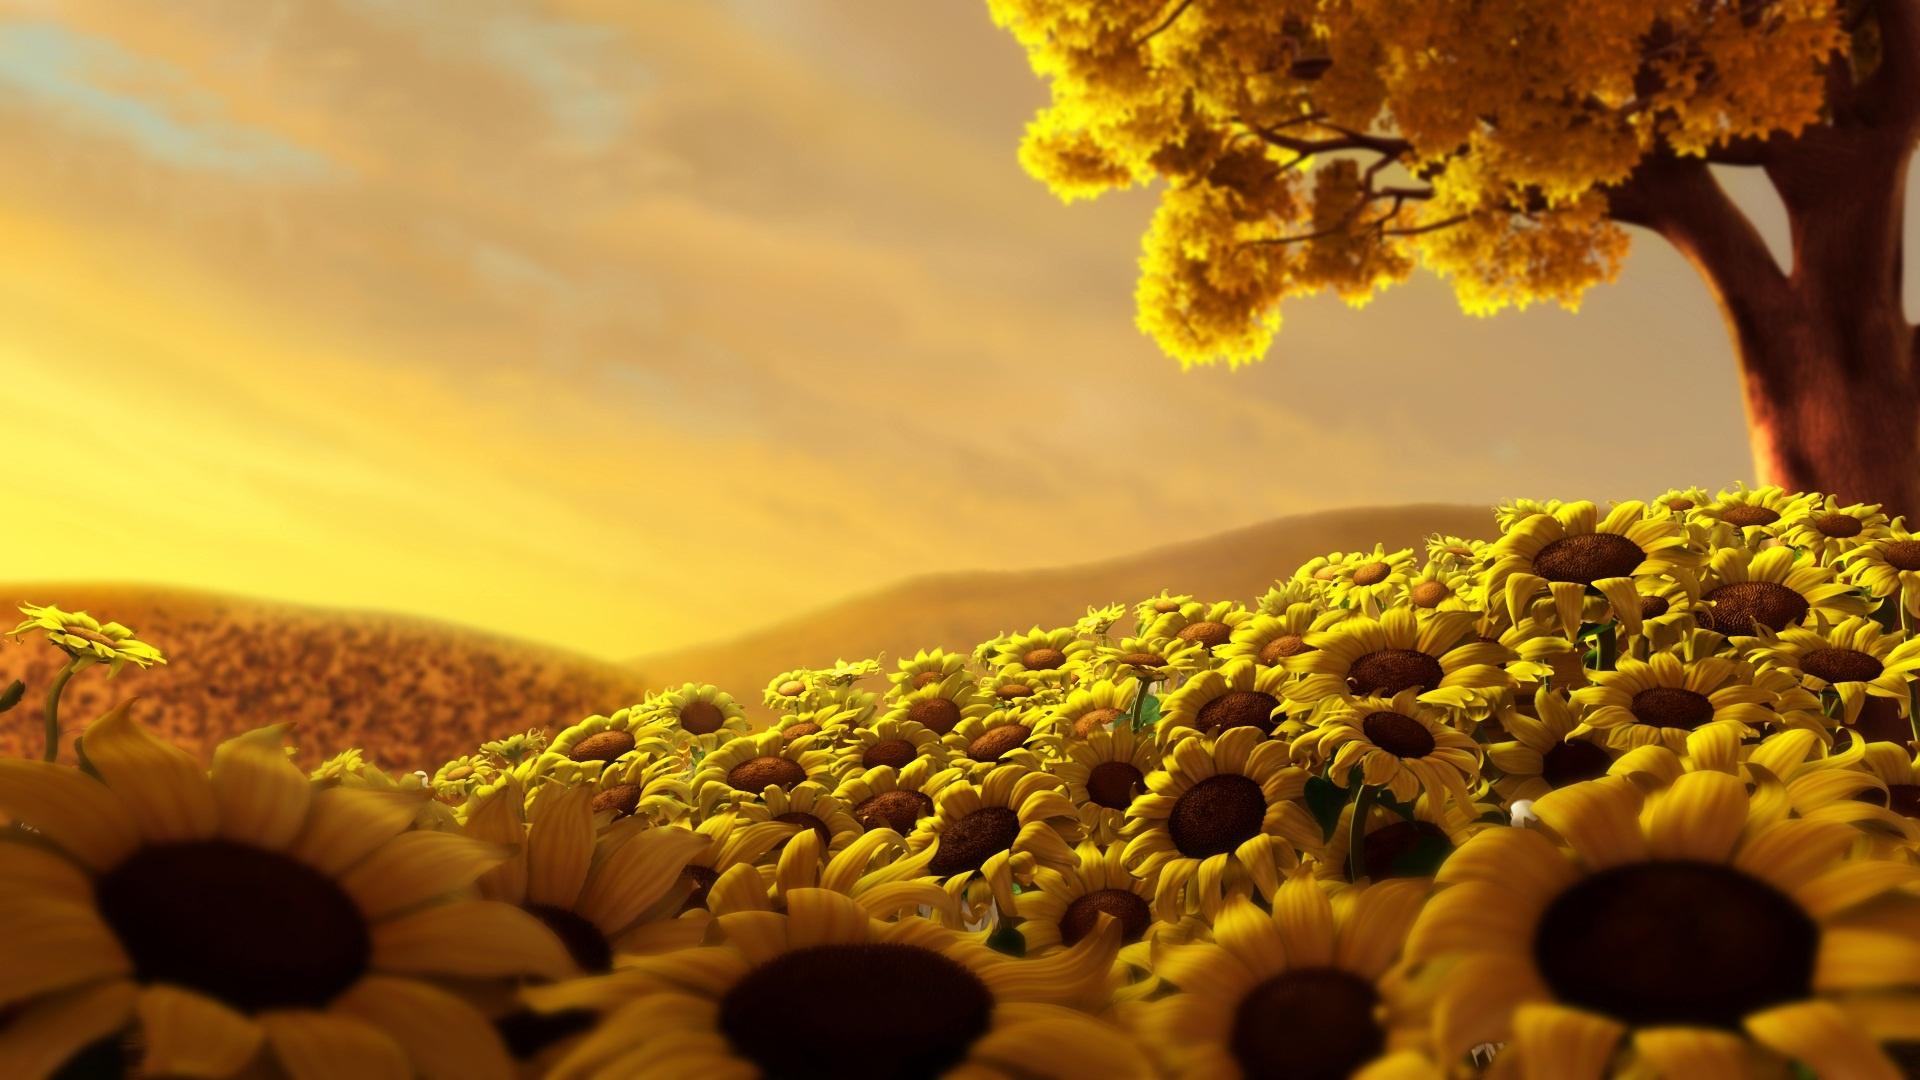 Sun Flower World HD Wallpapers